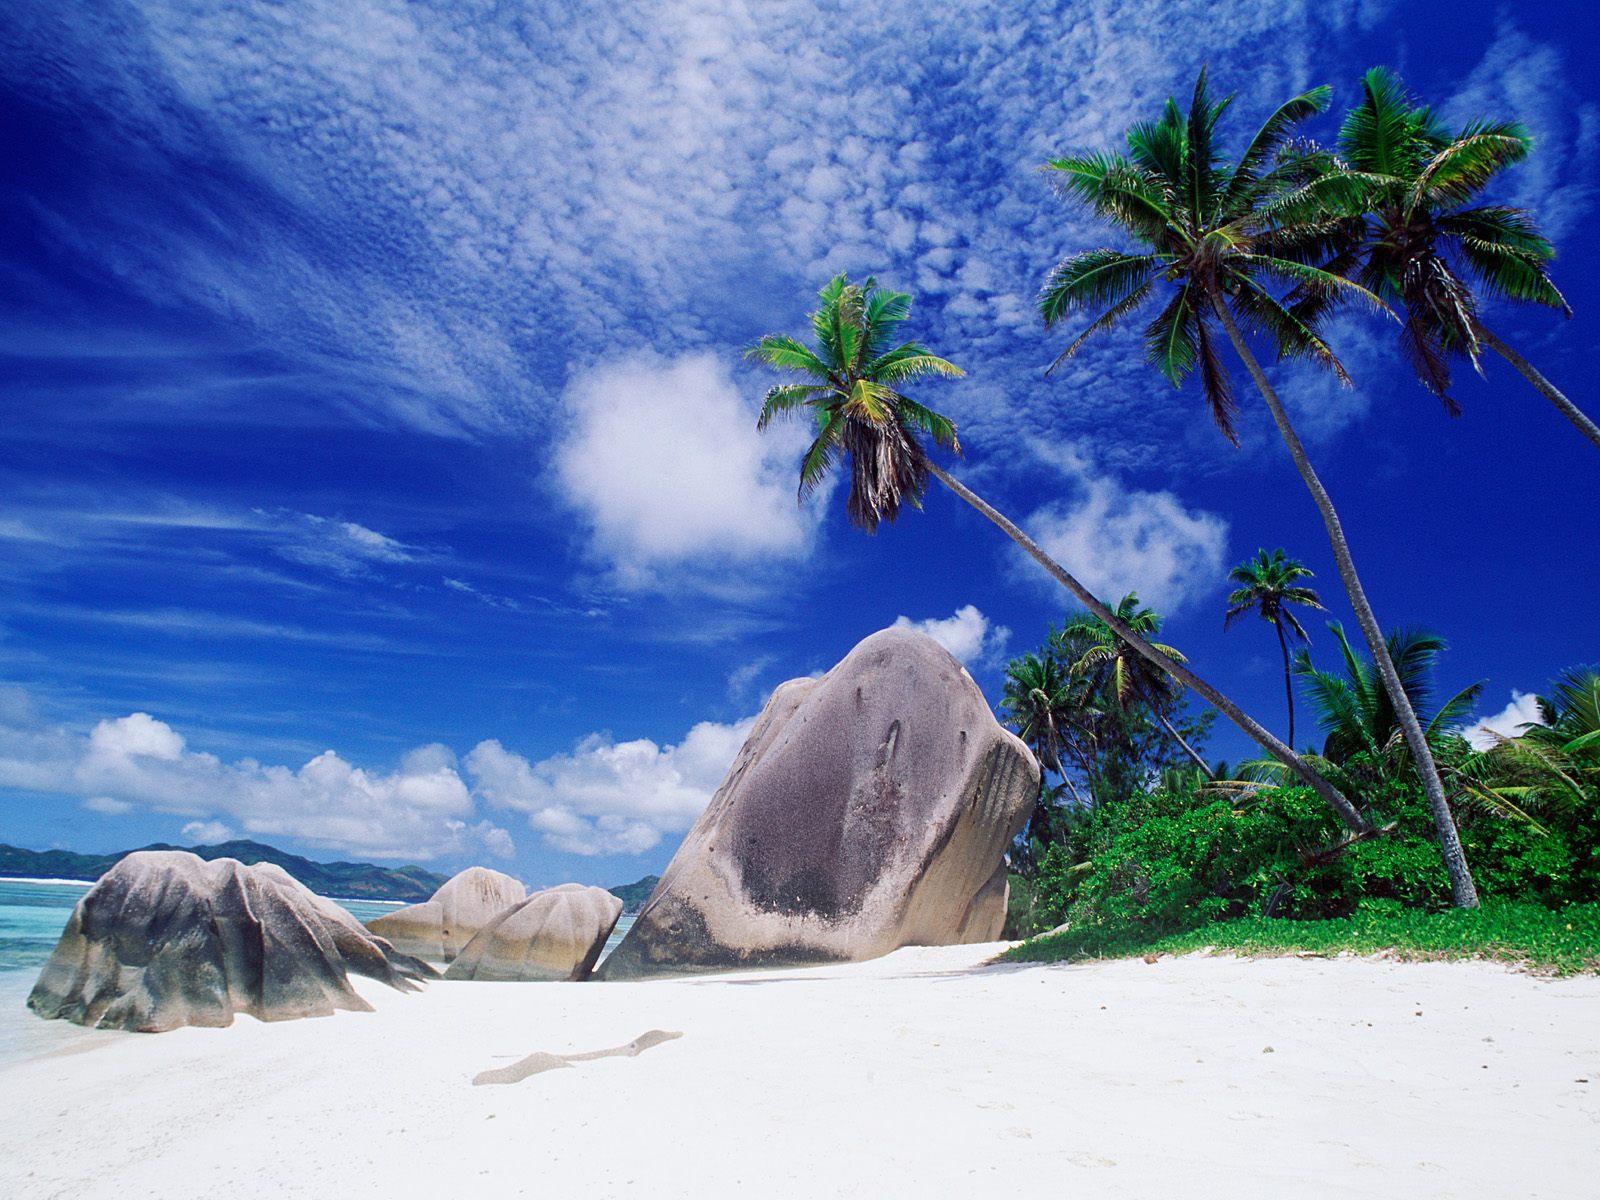 http://3.bp.blogspot.com/-Qglnl2qqHFU/Tn6Y3ZoVc7I/AAAAAAAADCI/QWOcb-J-nbw/s1600/Nature%2BWallpapers%2B%252888%2529.jpg